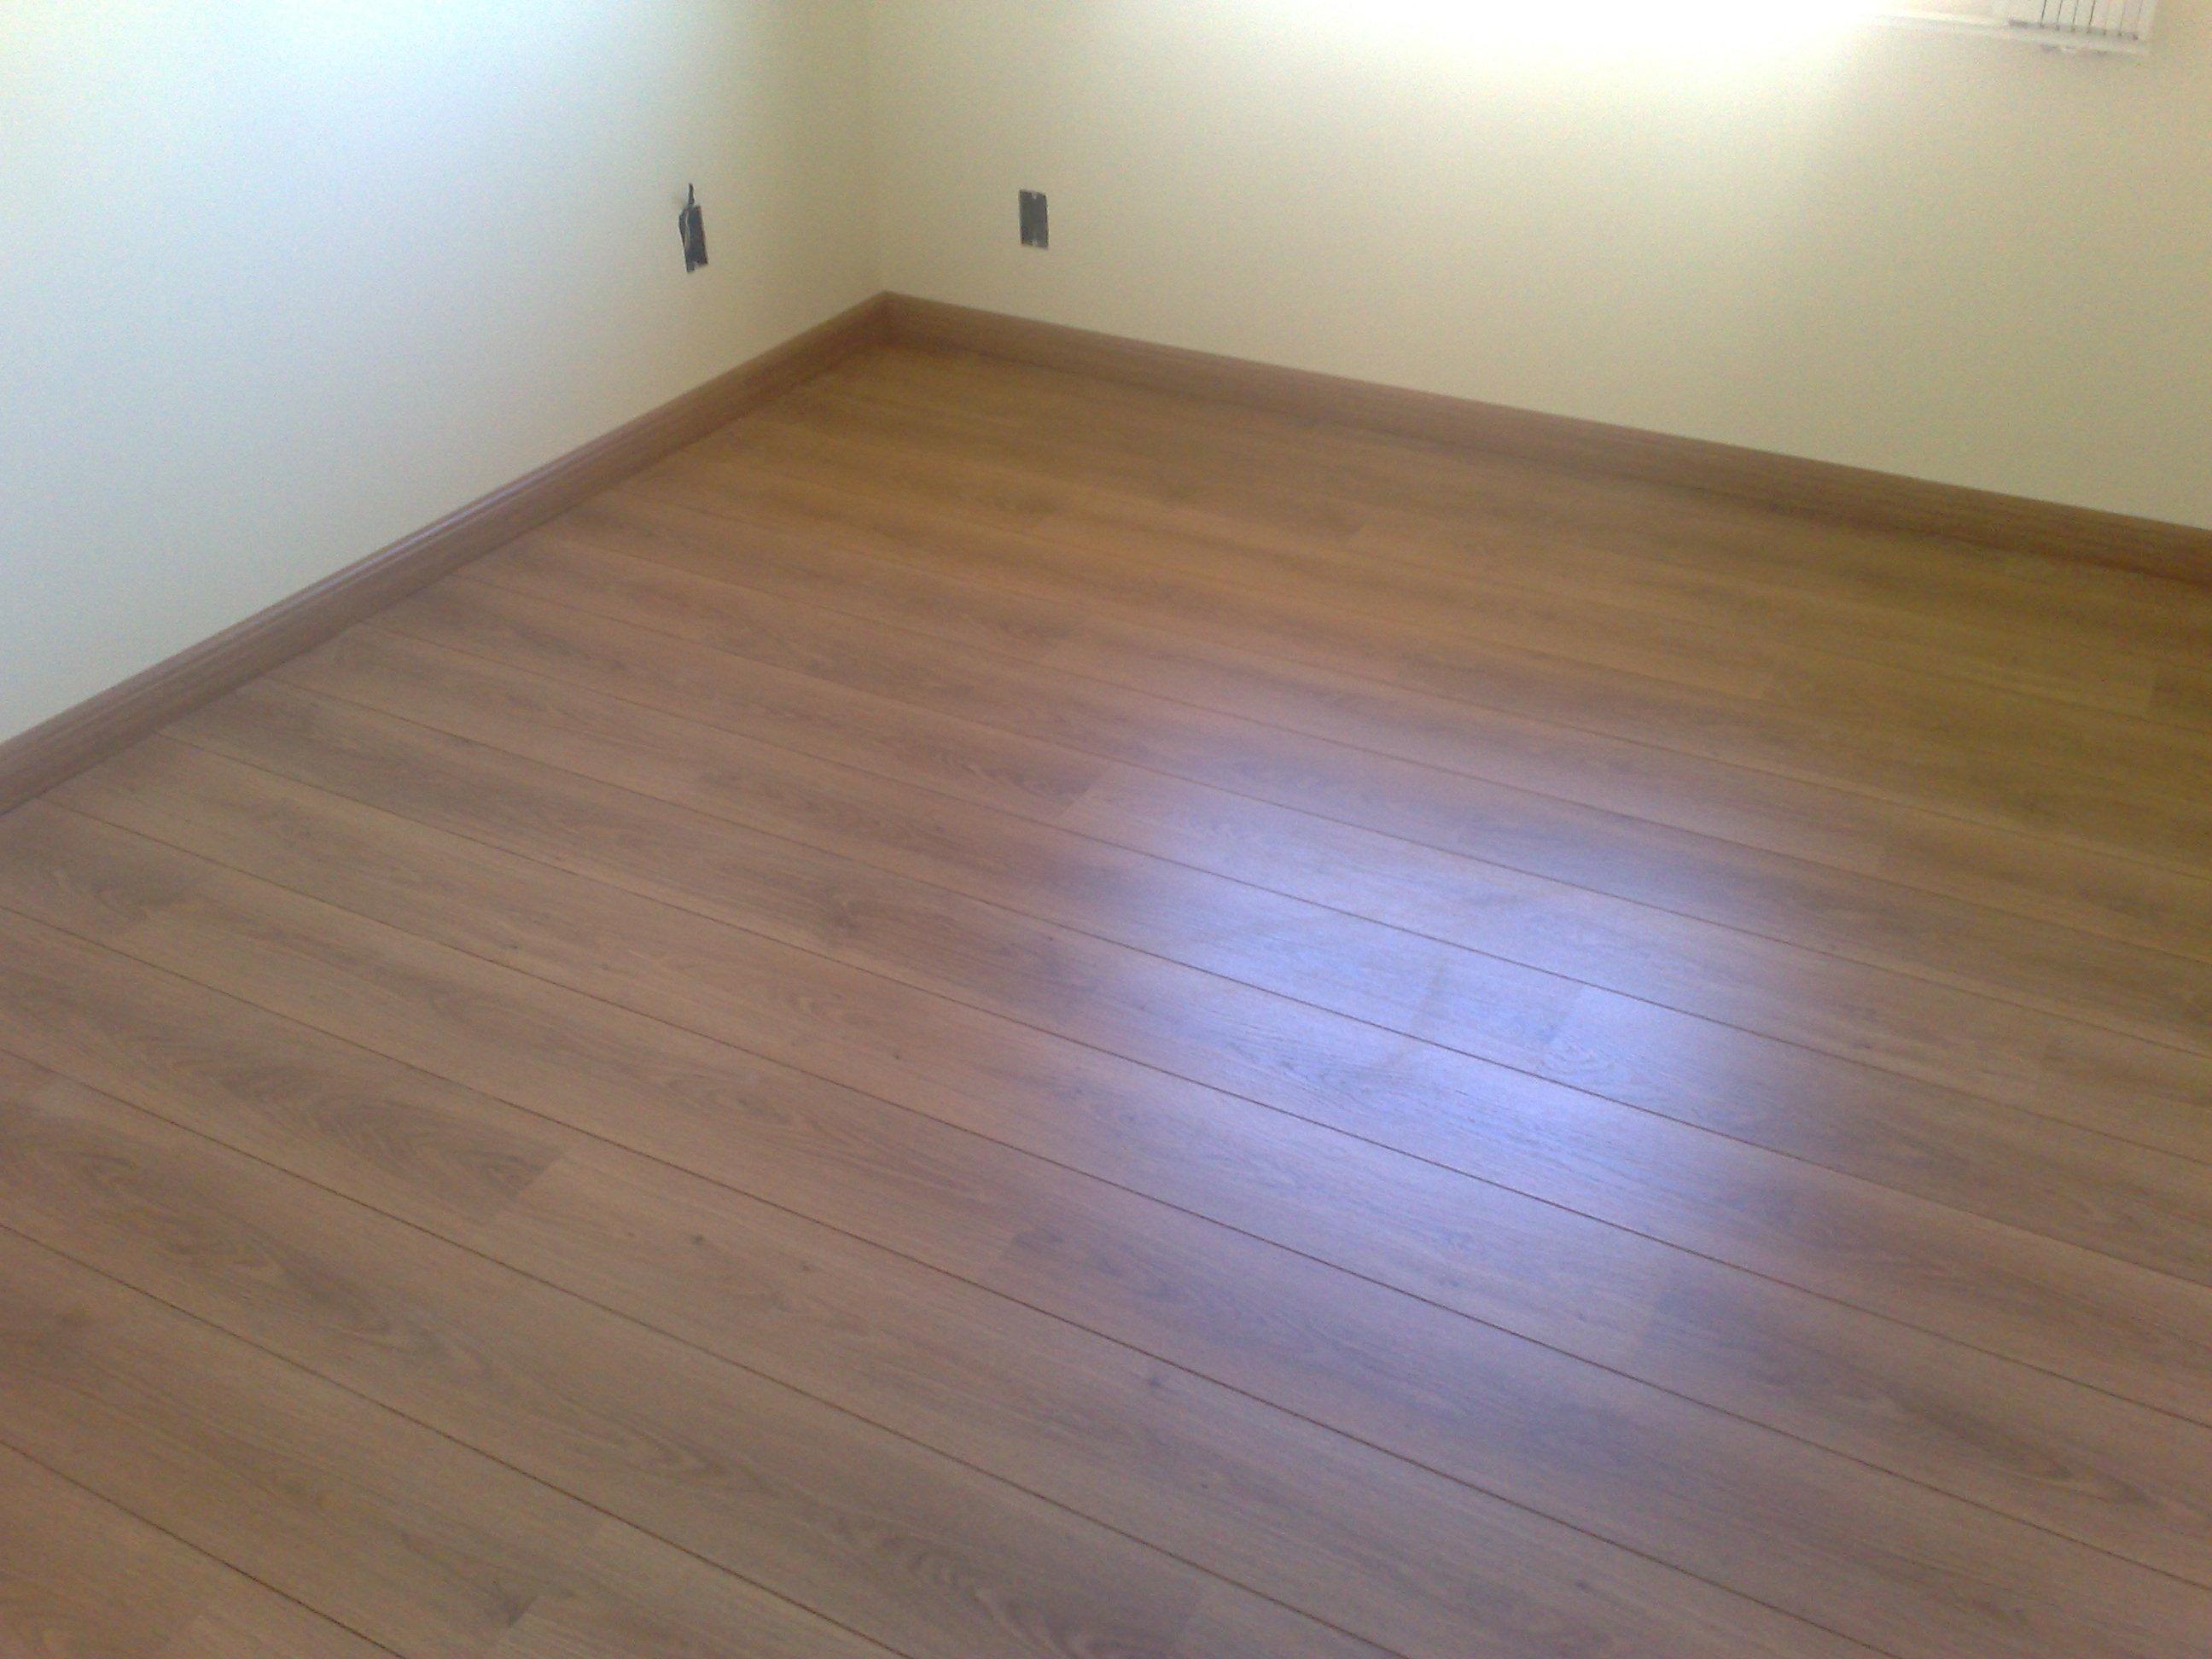 Pisos laminados durafloor pre os e fotos decorando casas for Pisos laminados homecenter